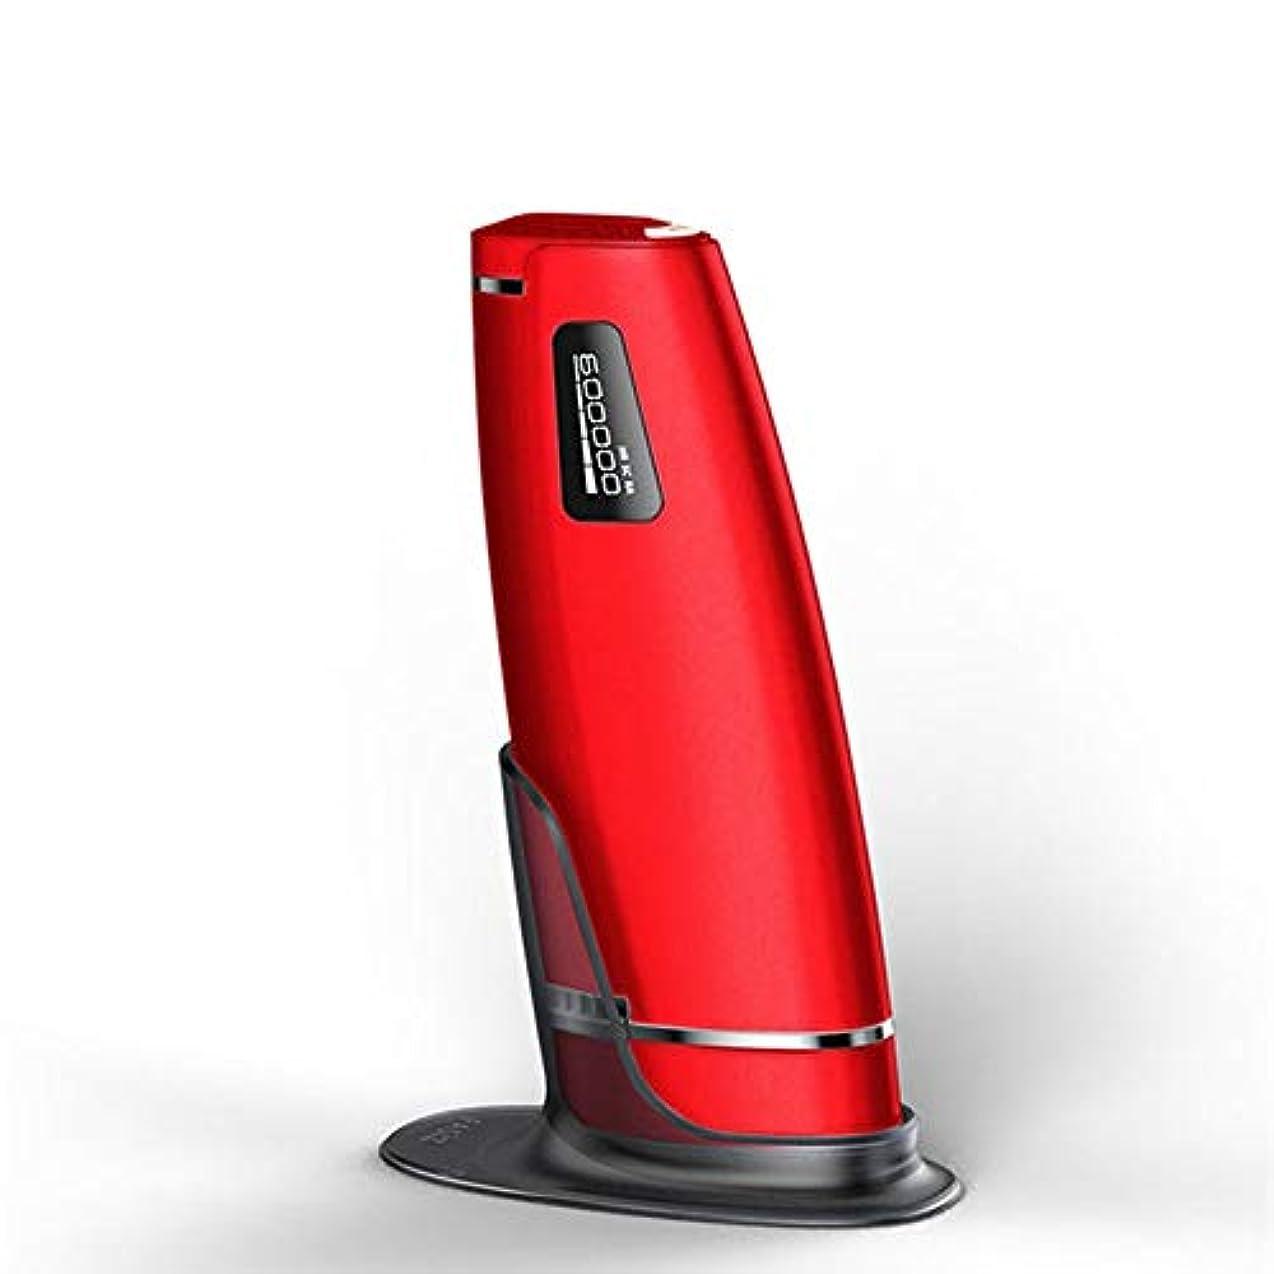 かび臭い連続した租界赤、デュアルモード、ホームオートマチック無痛脱毛剤、携帯用永久脱毛剤、5スピード調整、サイズ20.5 X 4.5 X 7 Cm 安全性 (Color : Red)